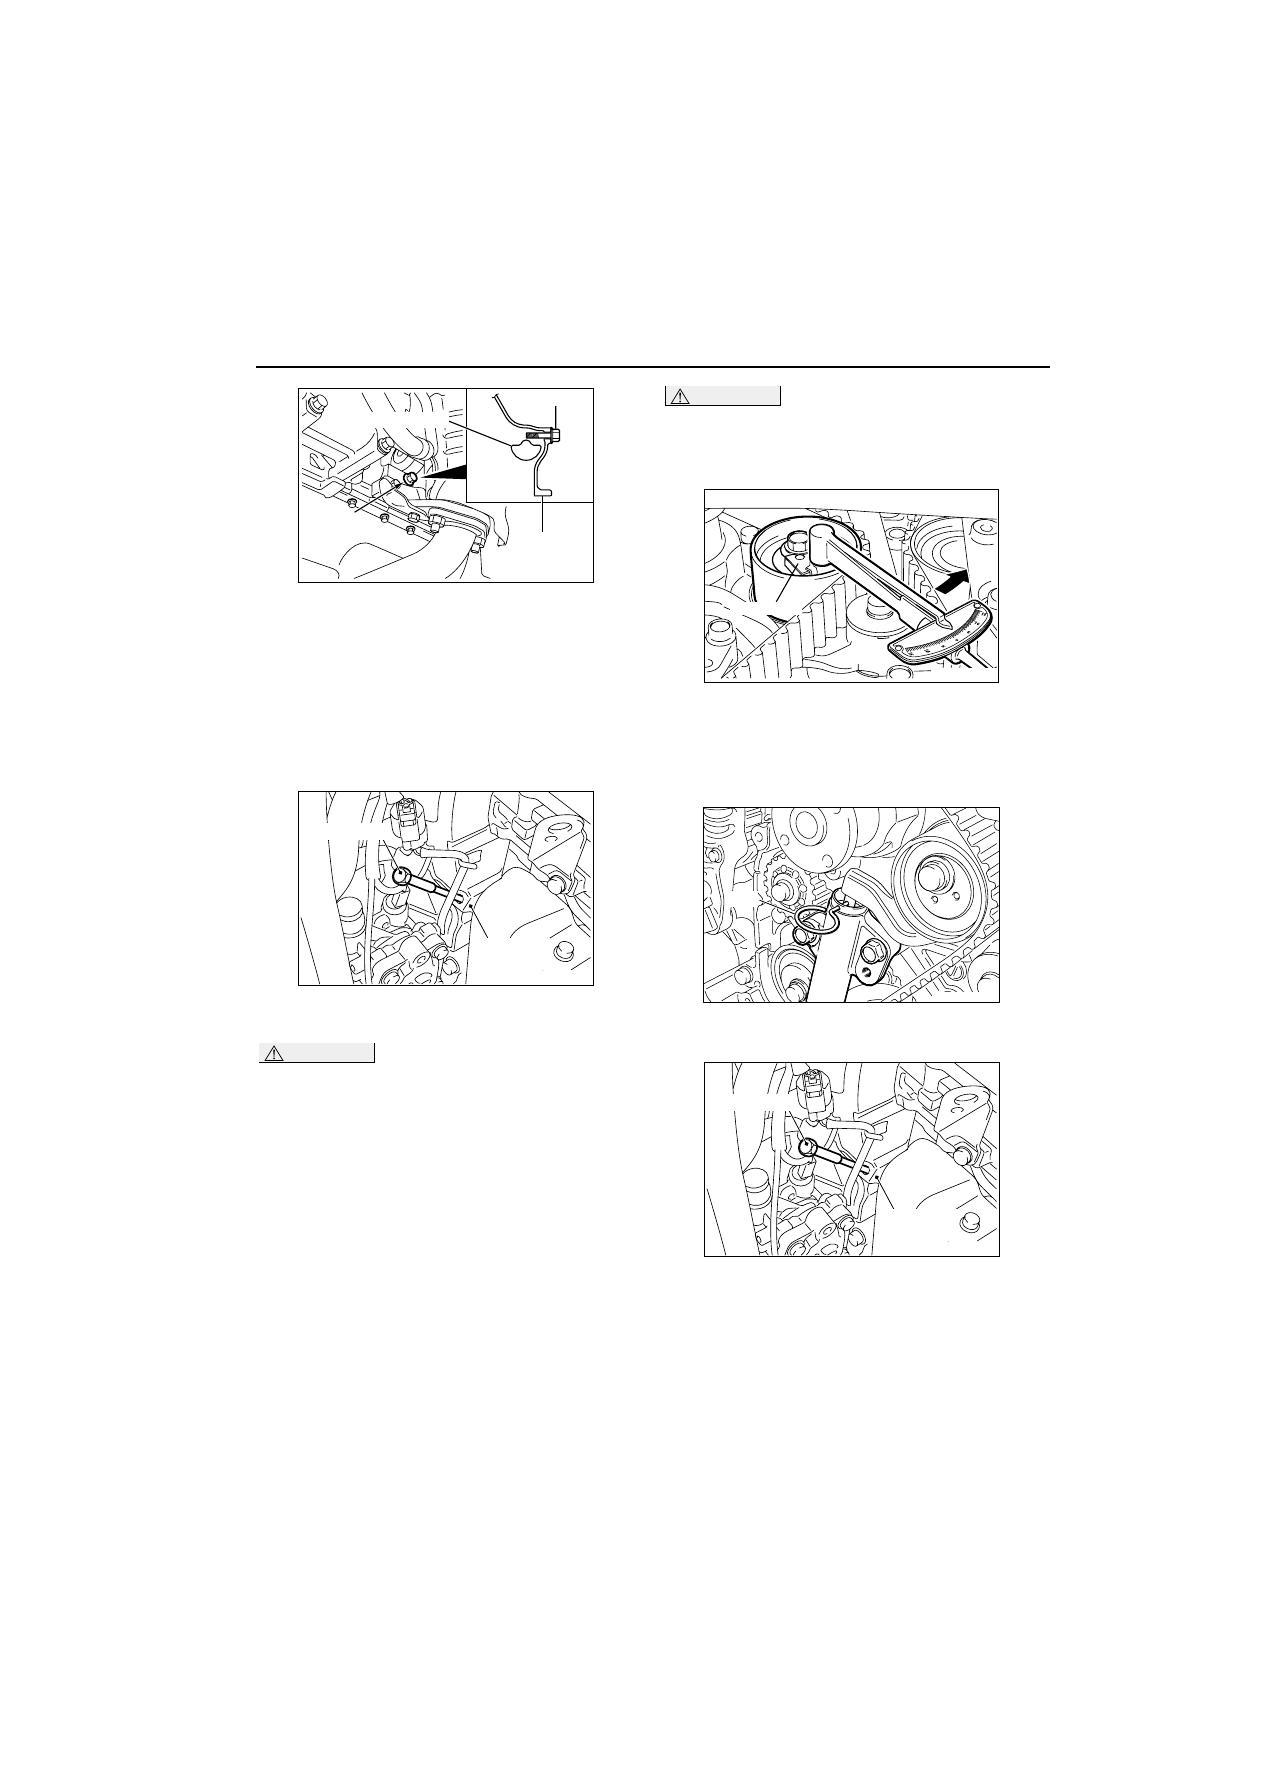 Mitsubishi Outlander 2003 Manual Part 16 Timing Belt For